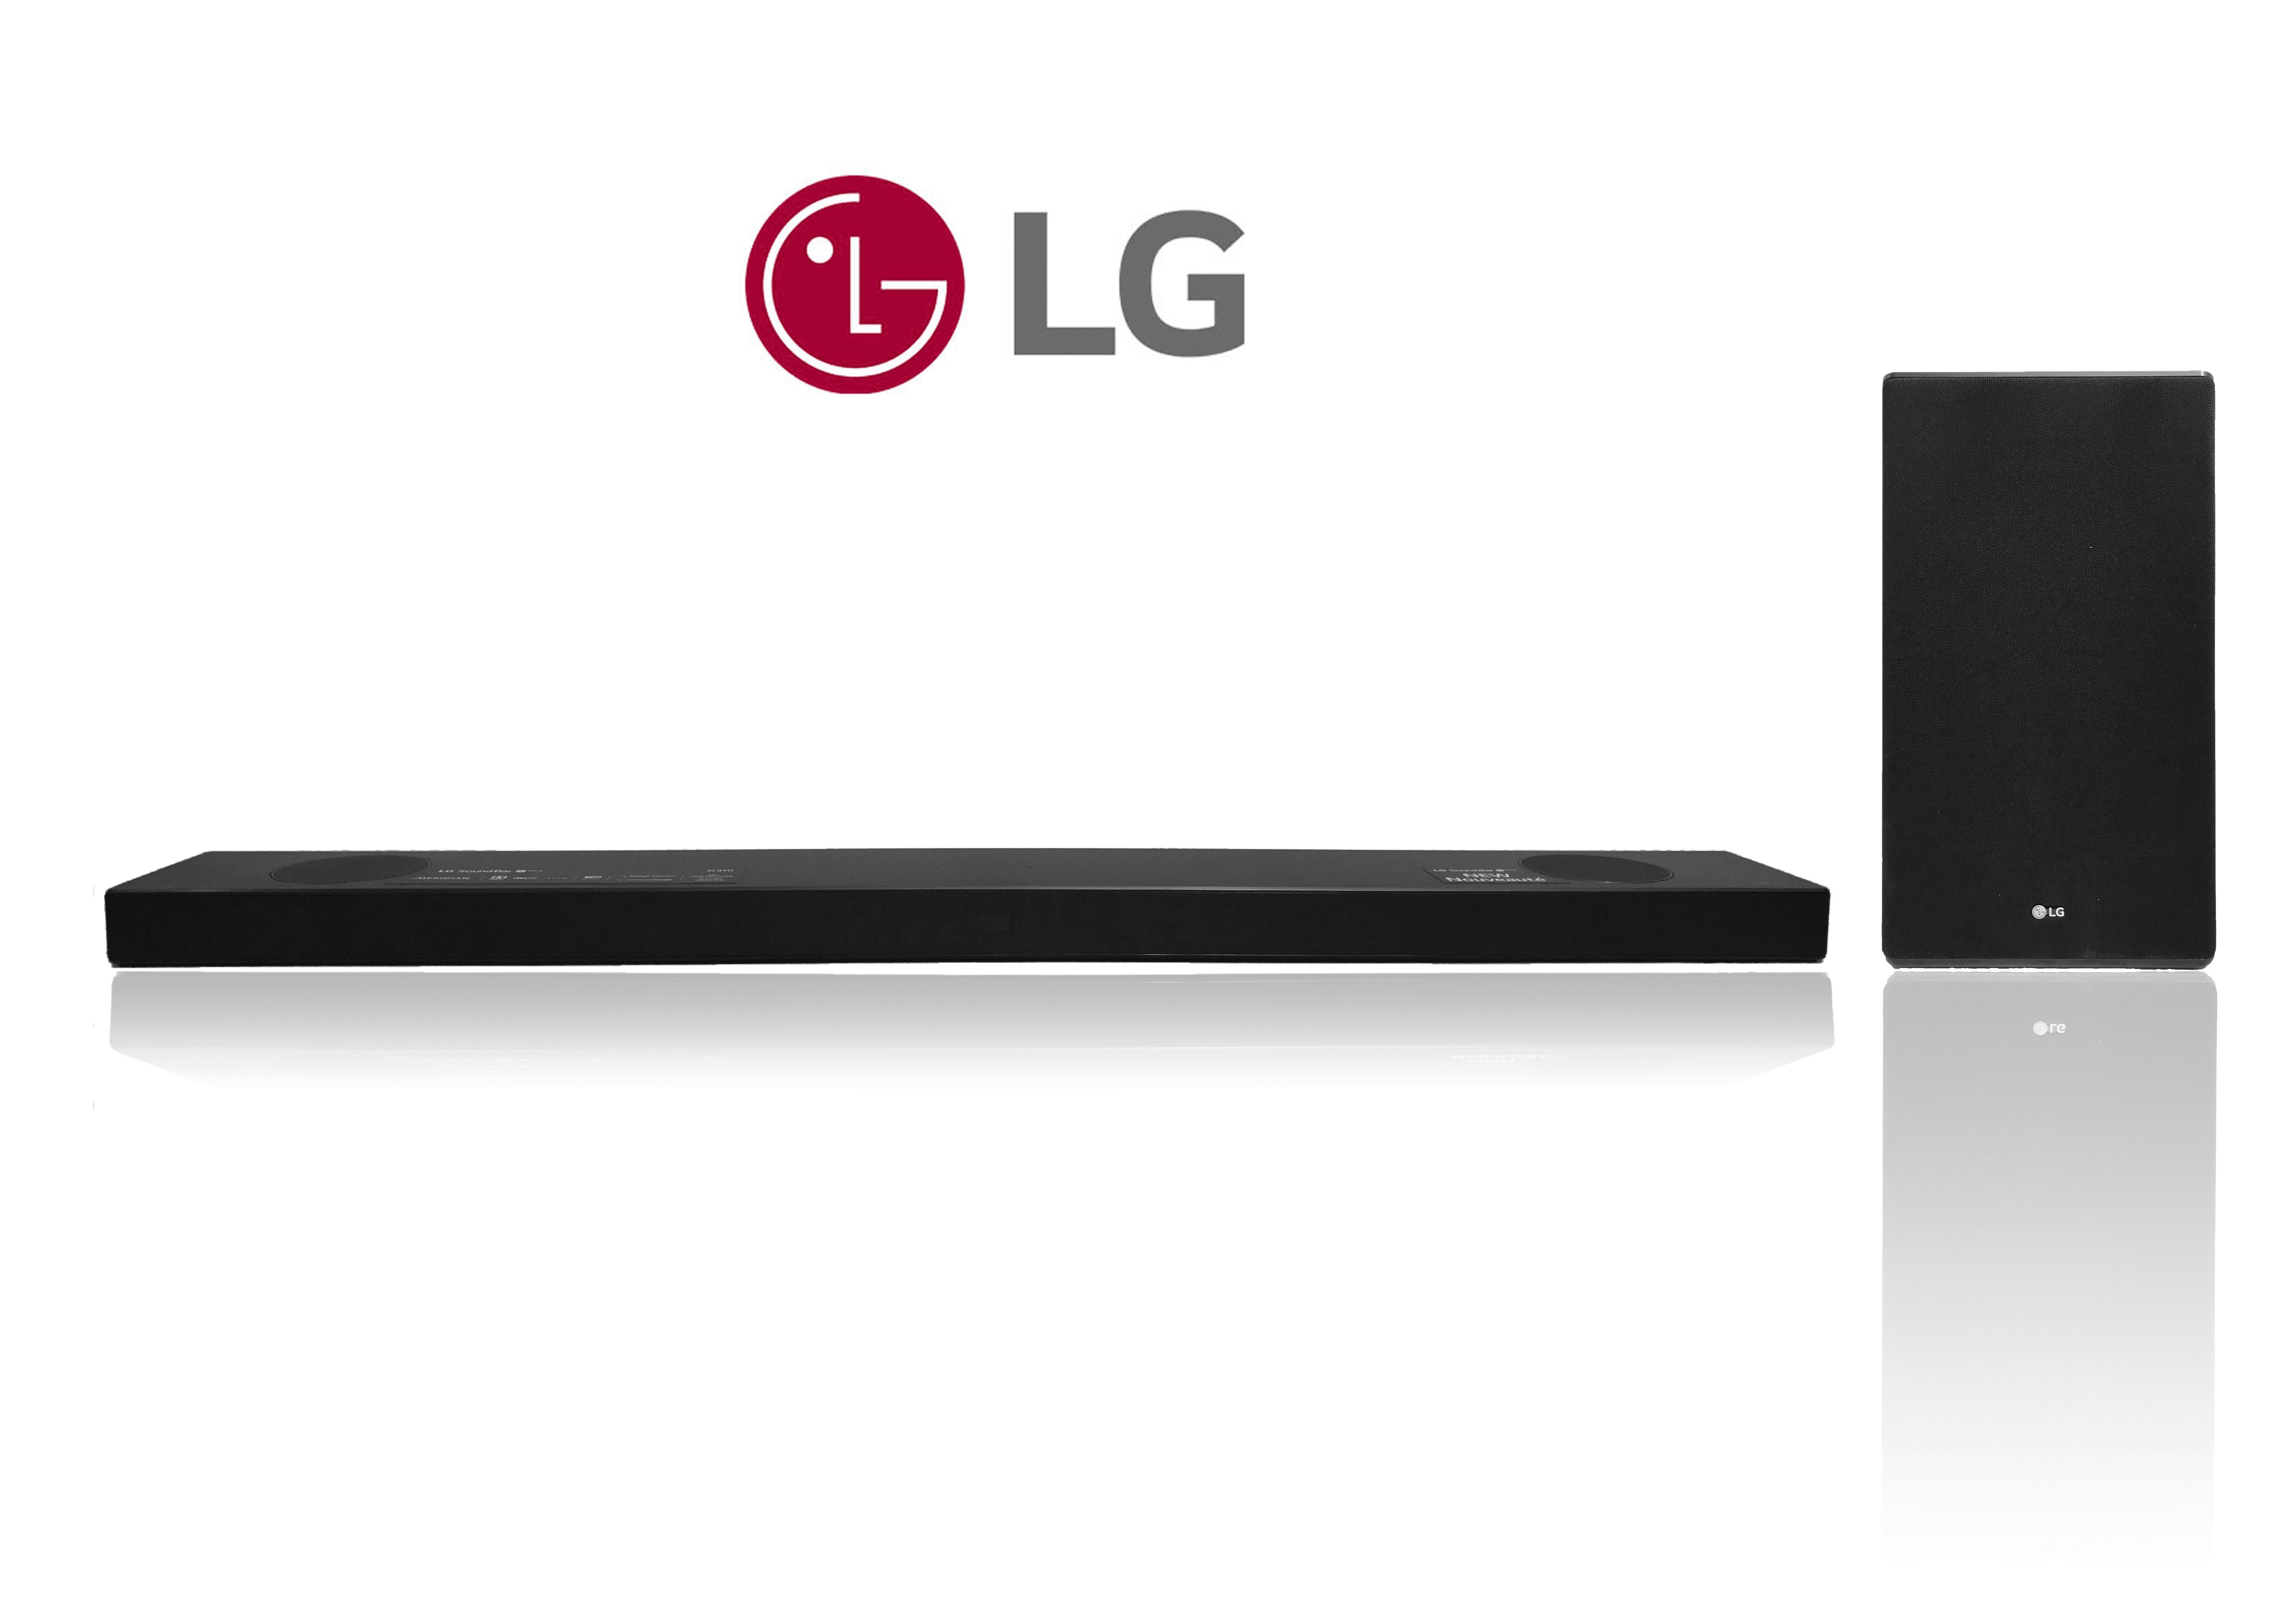 Logitech LG SL9YG 4.1.2 Dolby Atmos Soundbar mit drahtloser Subwoofer. 500 W, Bluetooth, WLAN